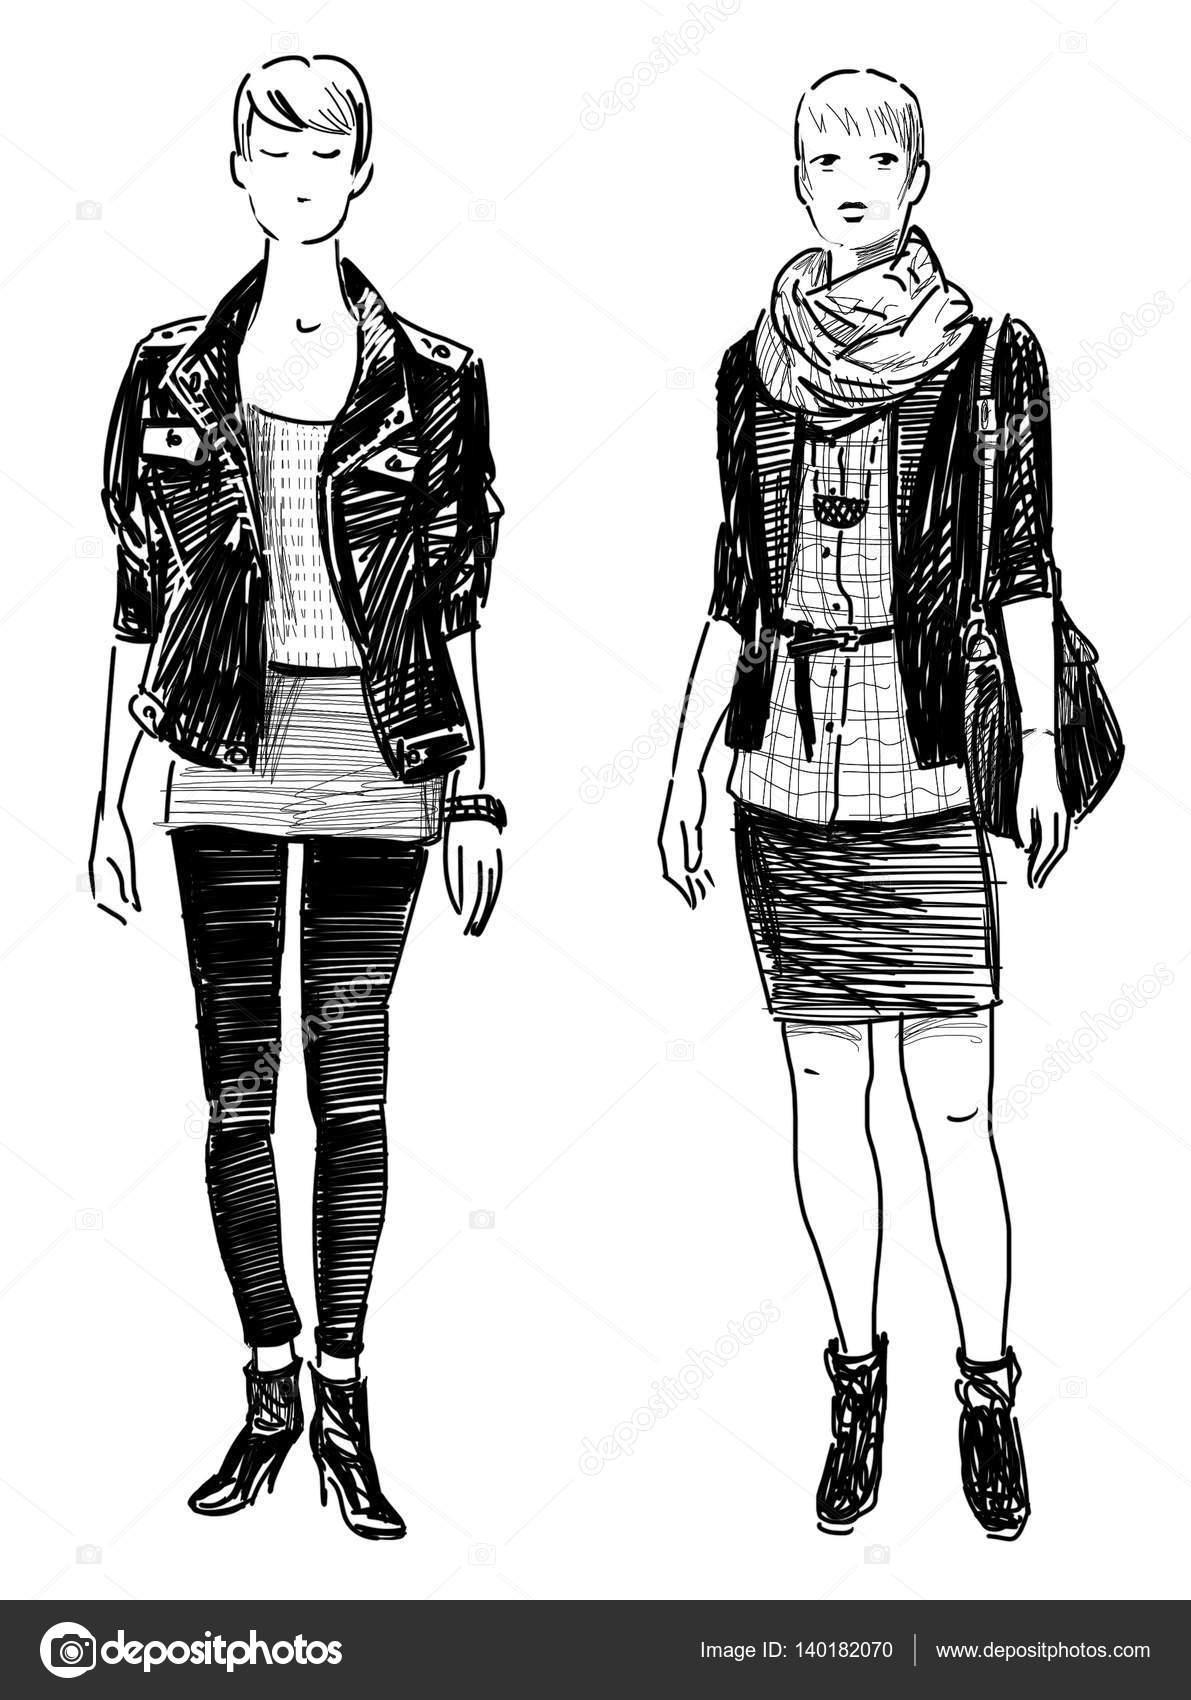 Dibujos A Mano De Chicas Dibujo De La Mano De Las Mujeres De